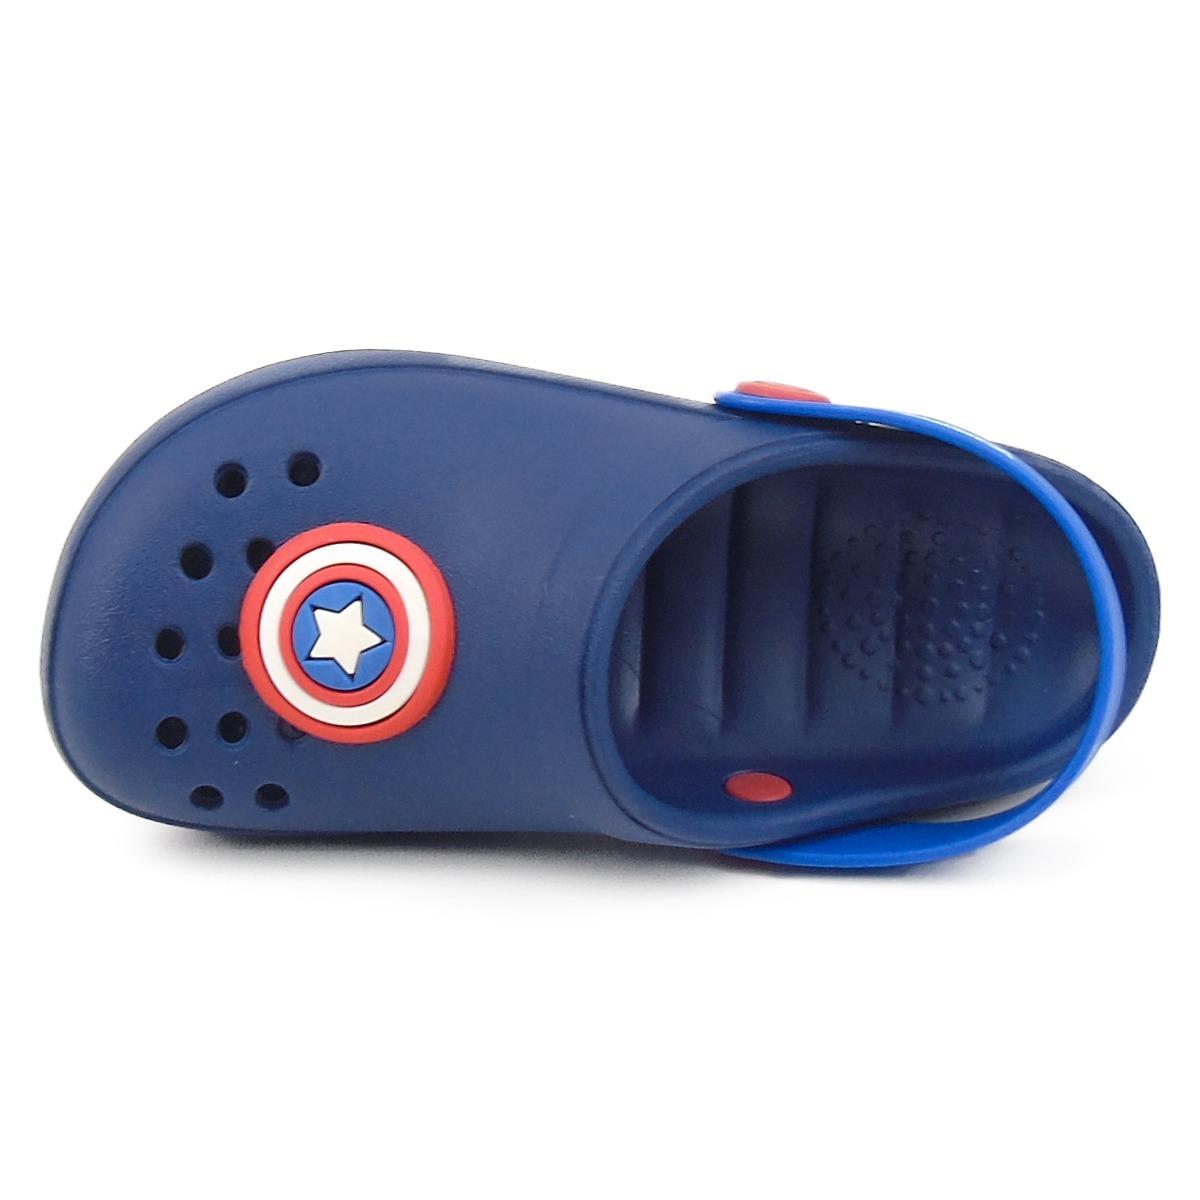 4a7cea5e01 sandália babuch grendene avengers capitão américa 21859. Carregando zoom.